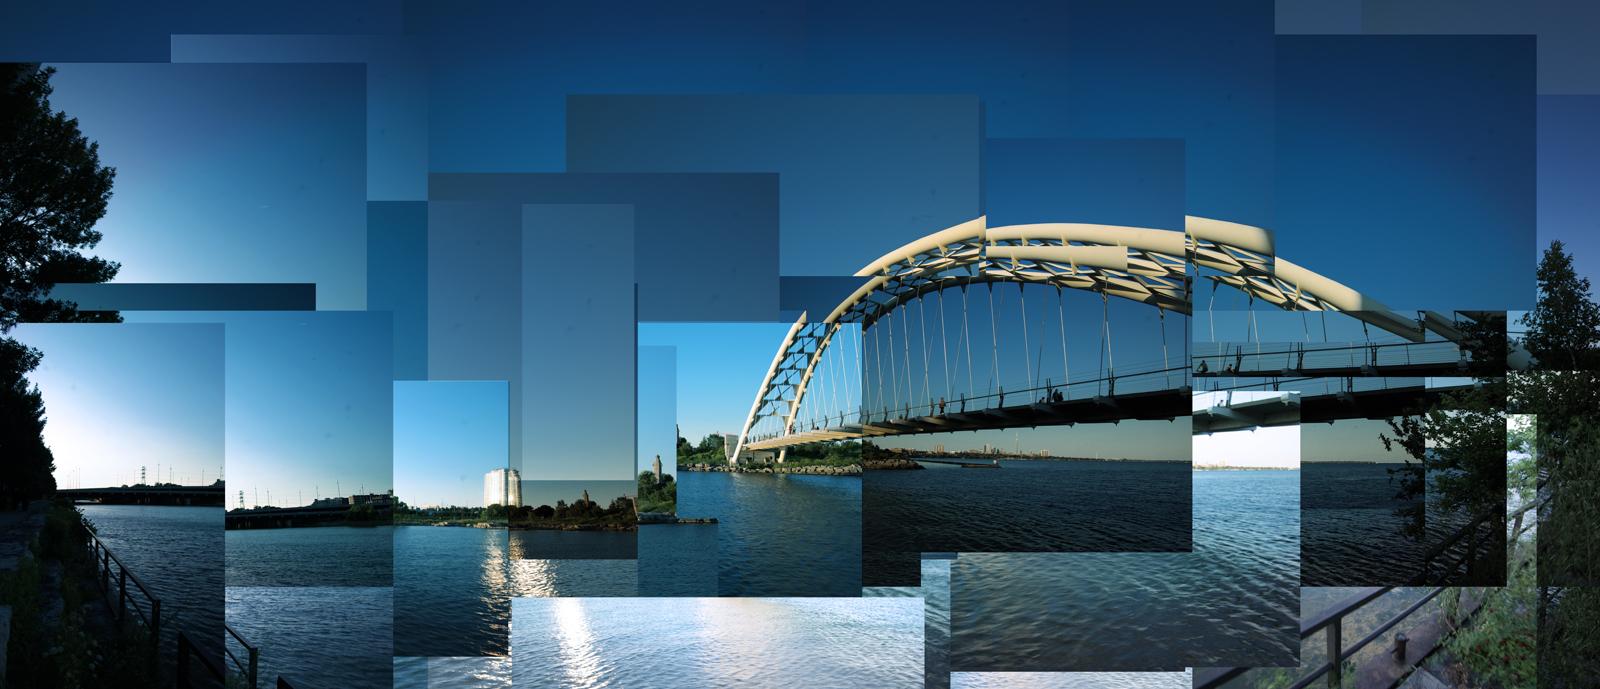 mosaic of pedestrian bridge at lake ontario